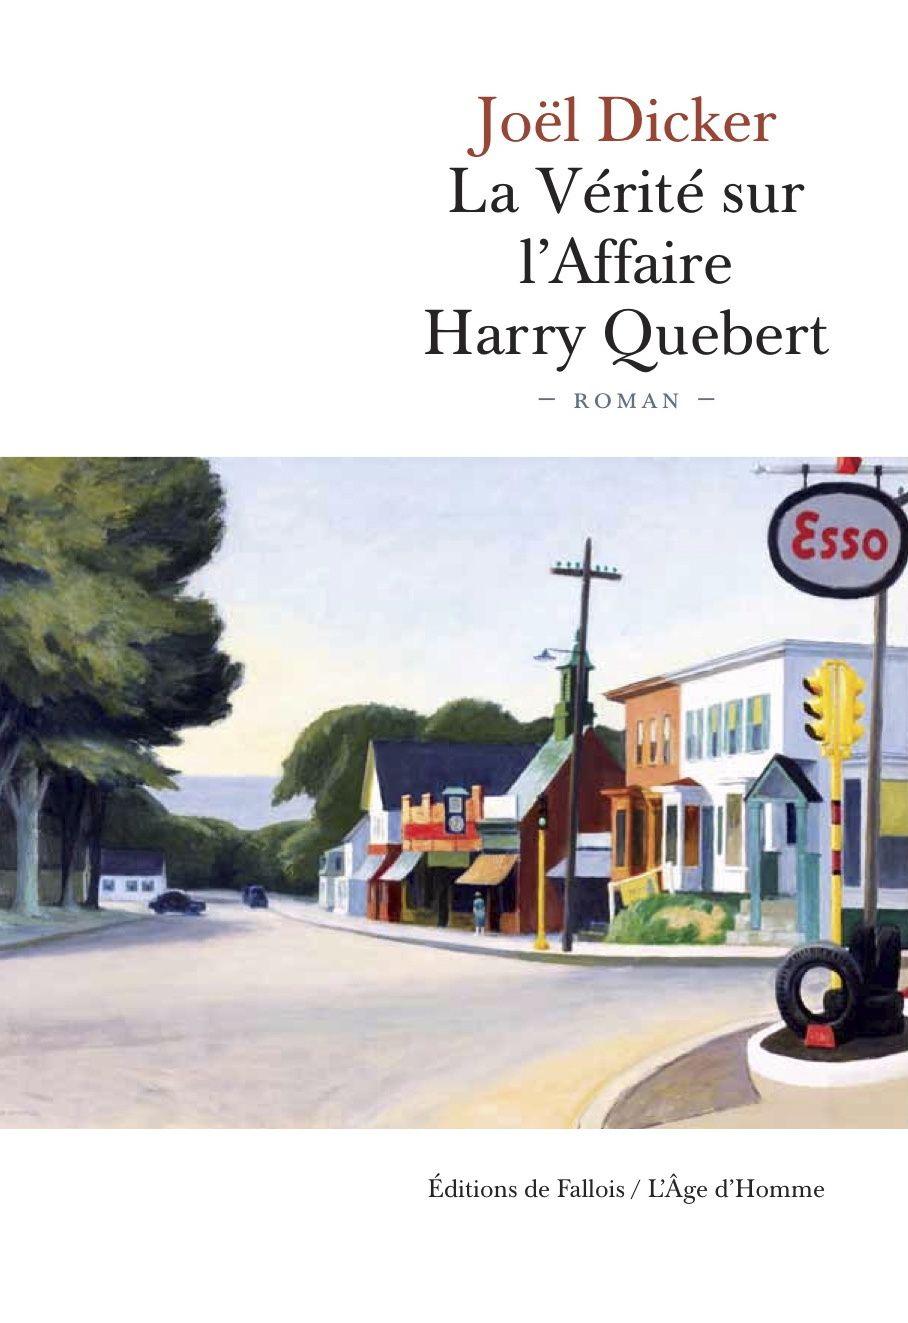 Roman - (GLM) Editions de Fallois/L'Âge d'Homme - Septembre 2012 - 665 pages